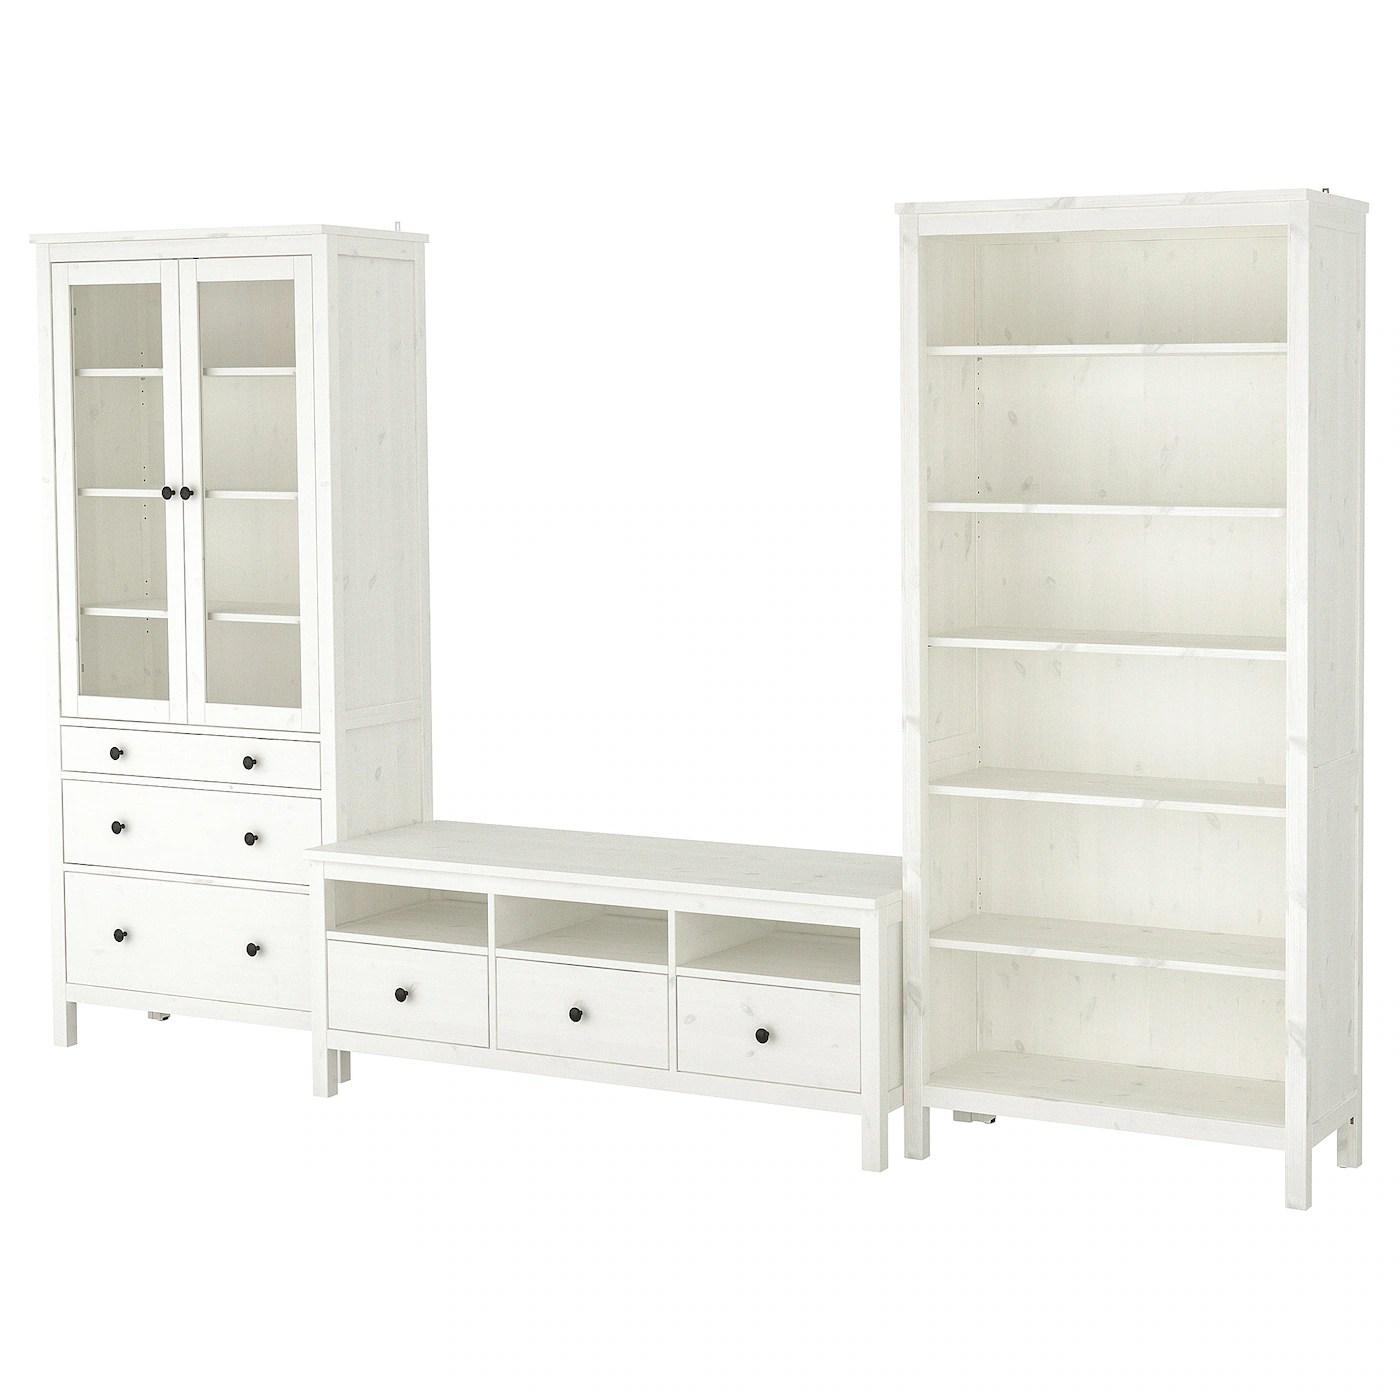 hemnes combinaison meuble tv teinte blanc verre transparent 326x197 cm